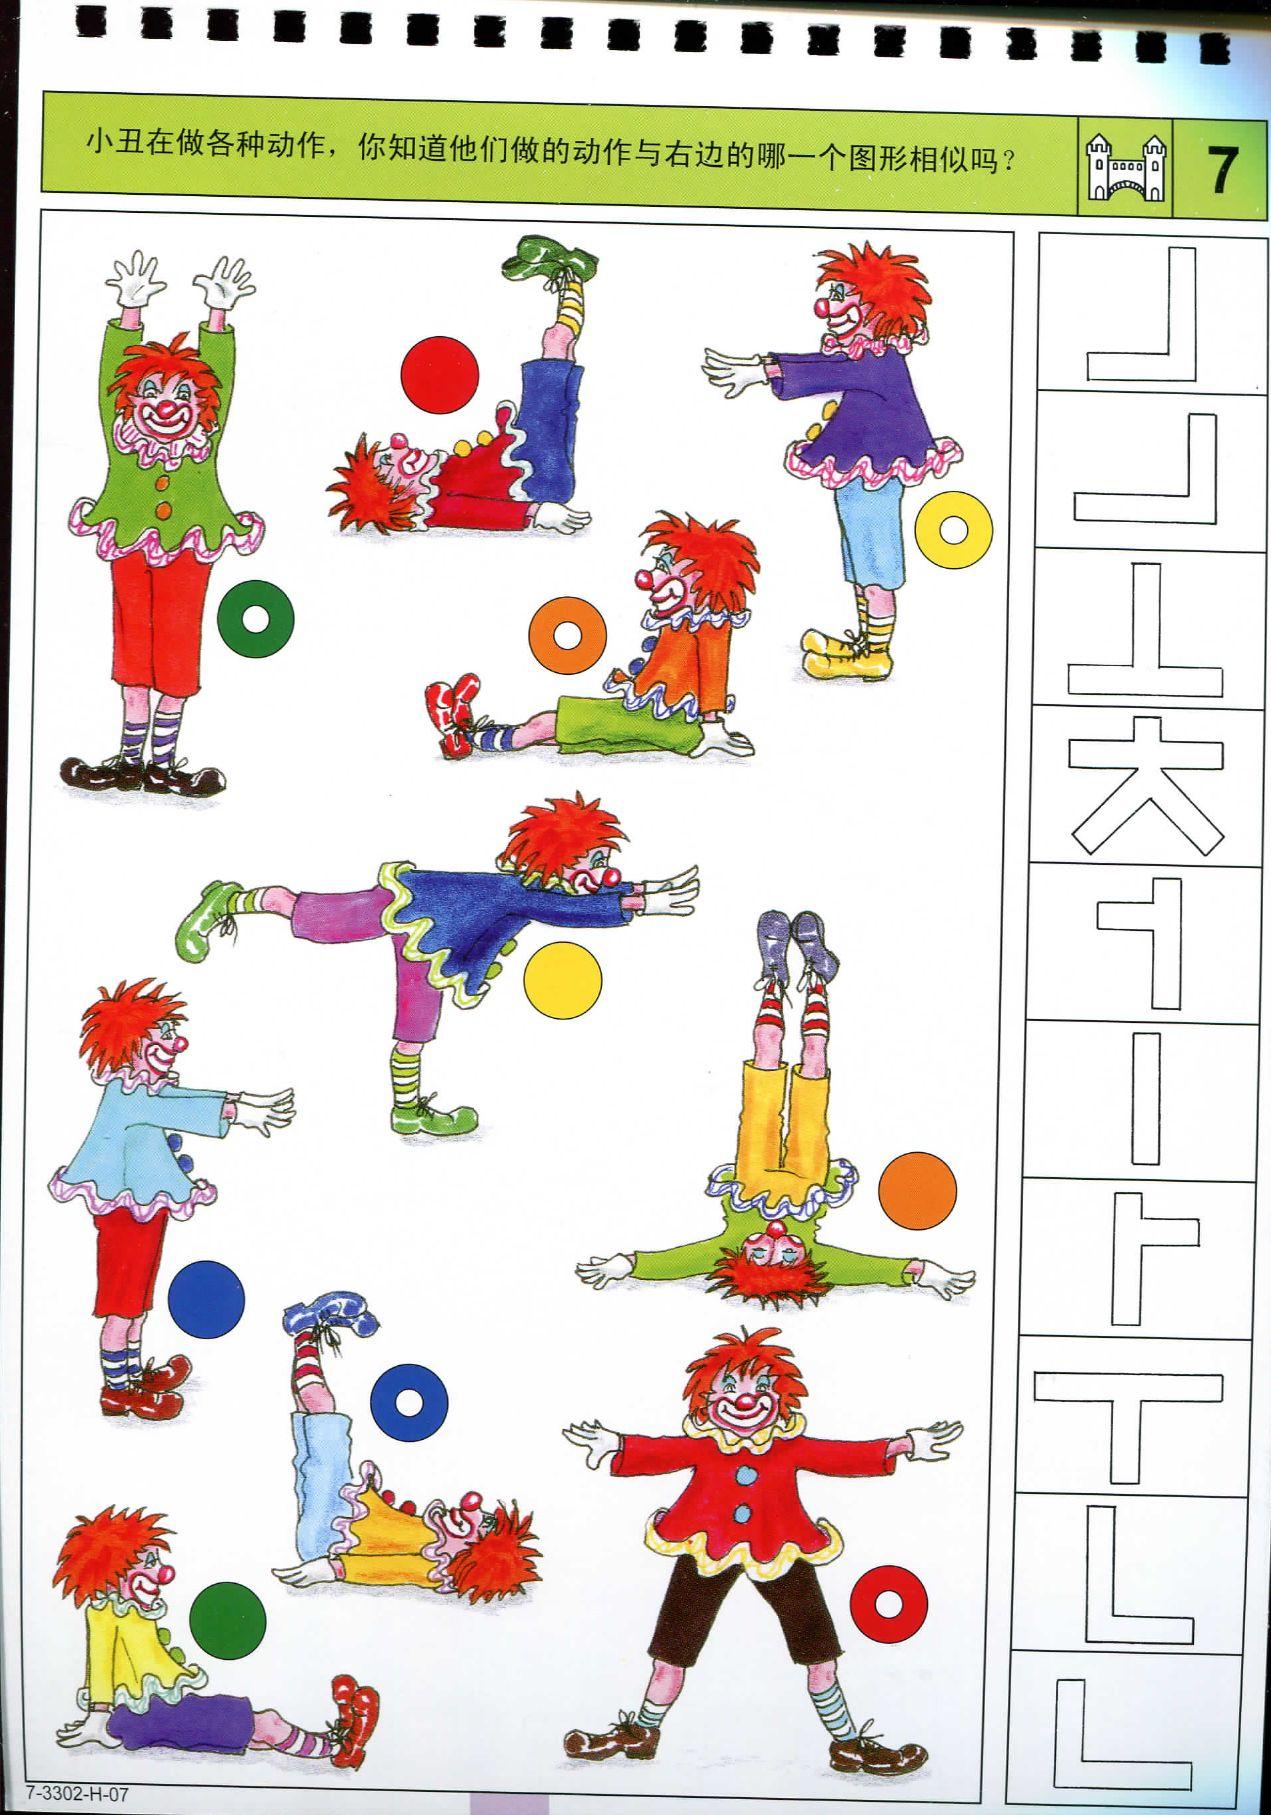 首页 课外读物 儿童图书绘本 漫画卡通——幼儿思维训练-图形和数量